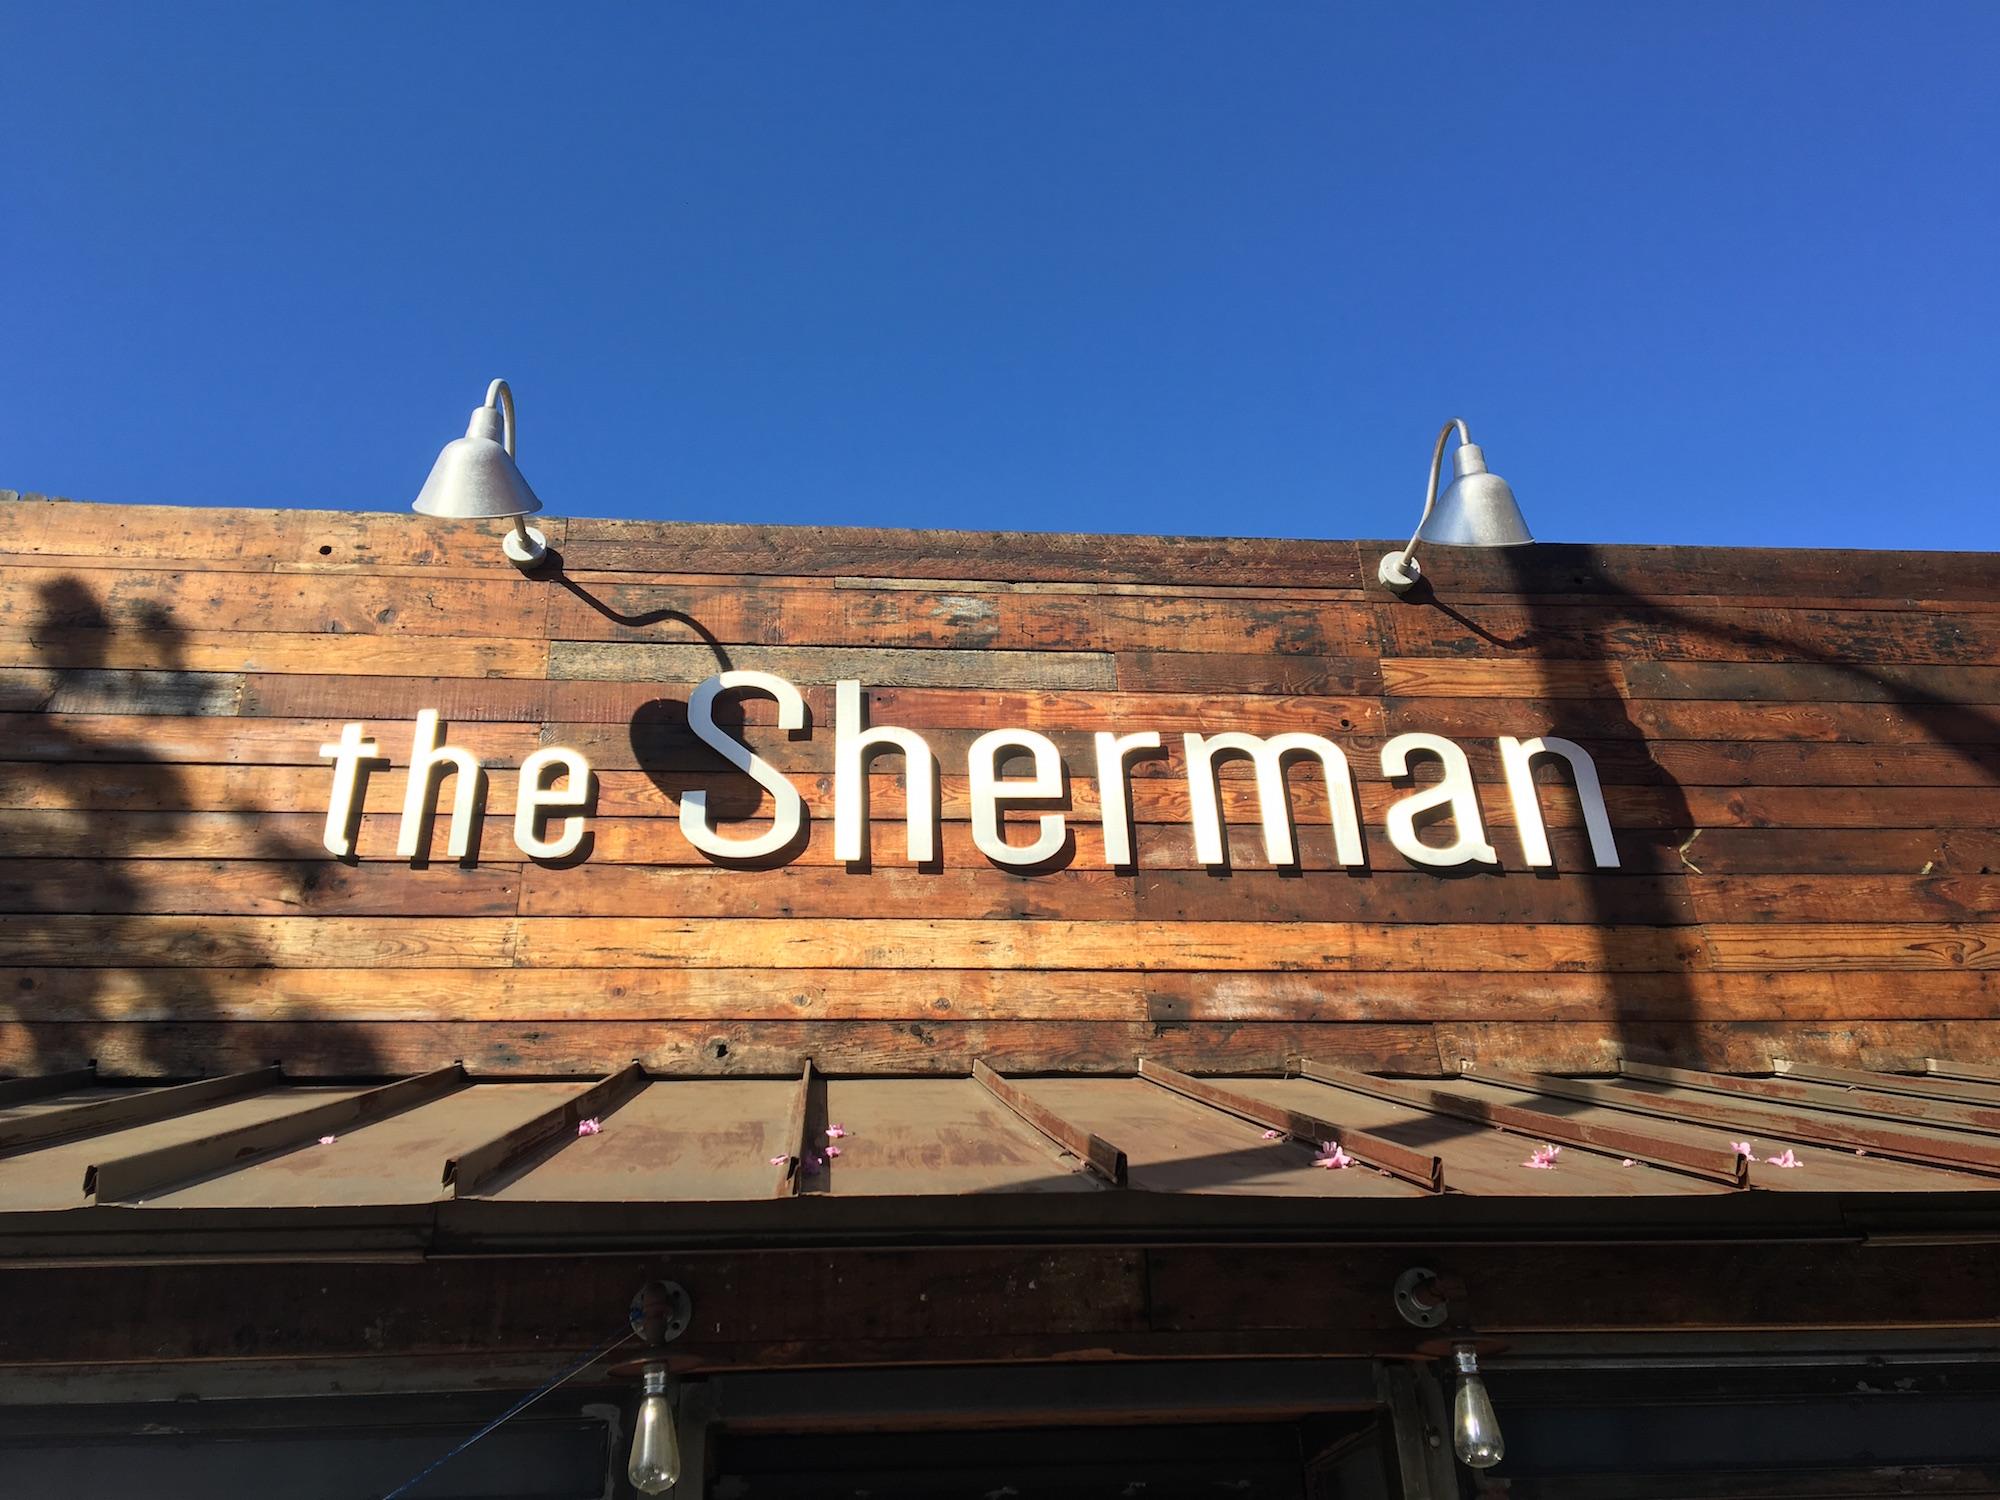 The Sherman, Sherman Oaks